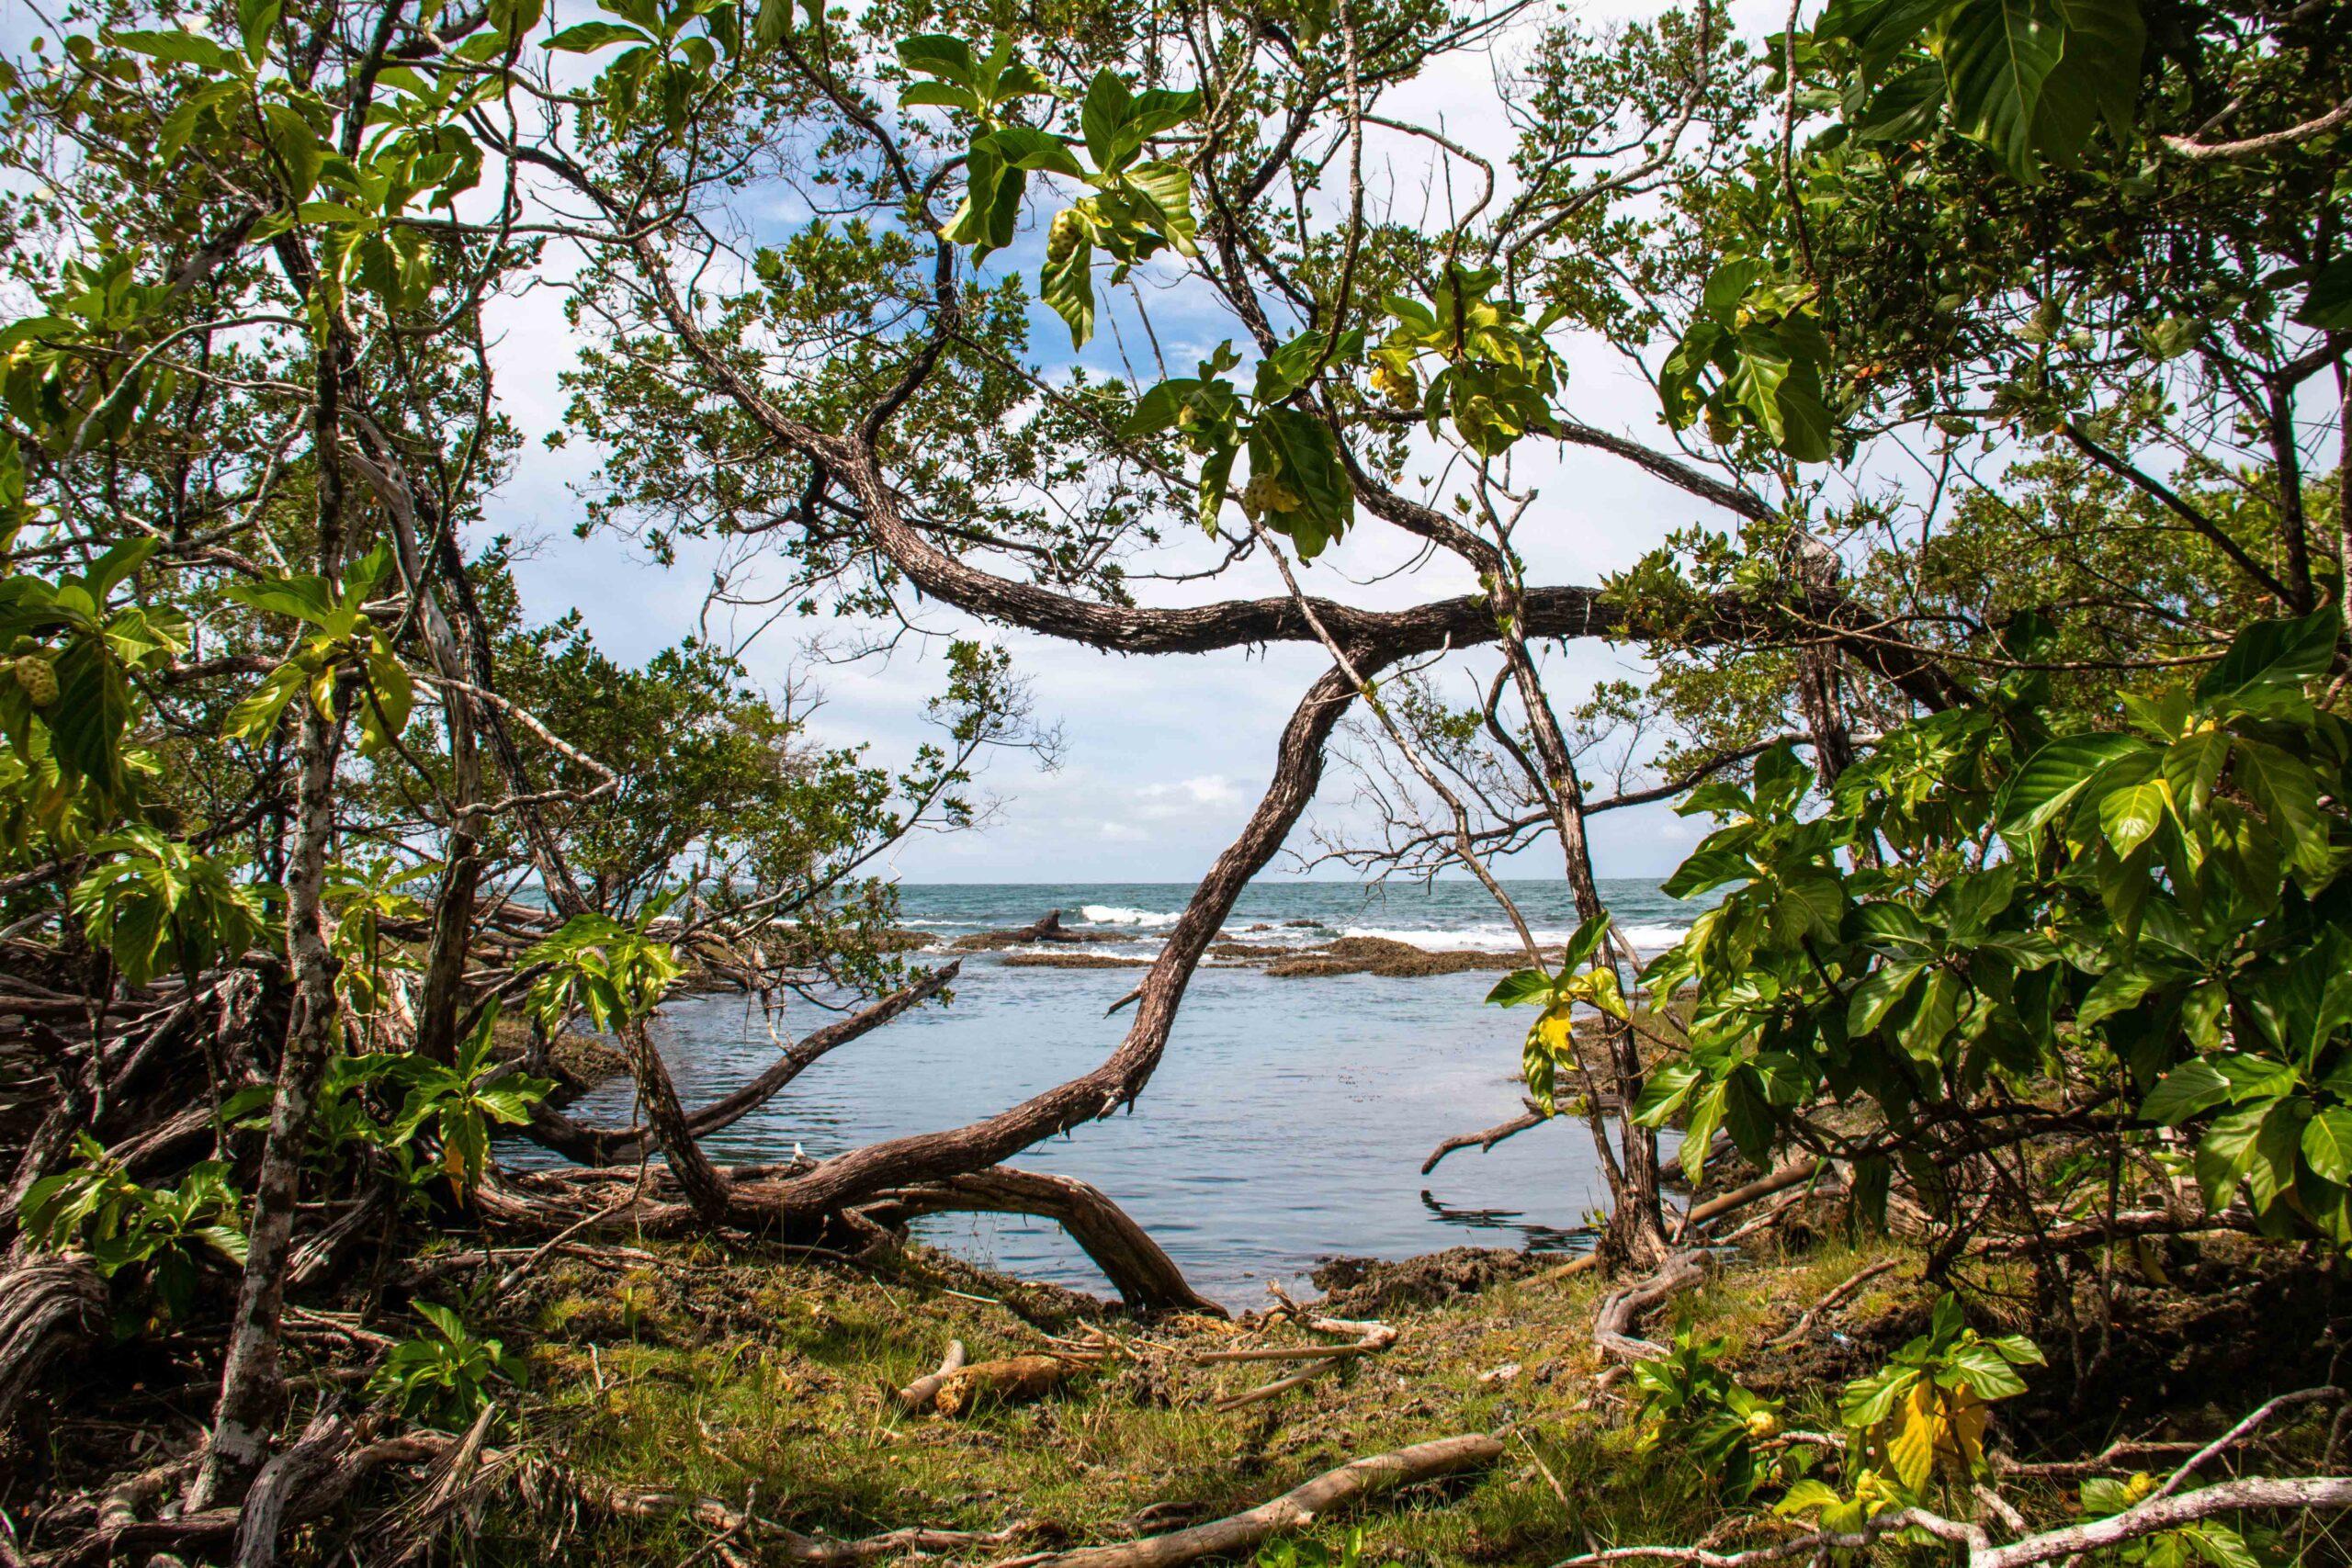 Blue Lagoon at Bocas del Toro